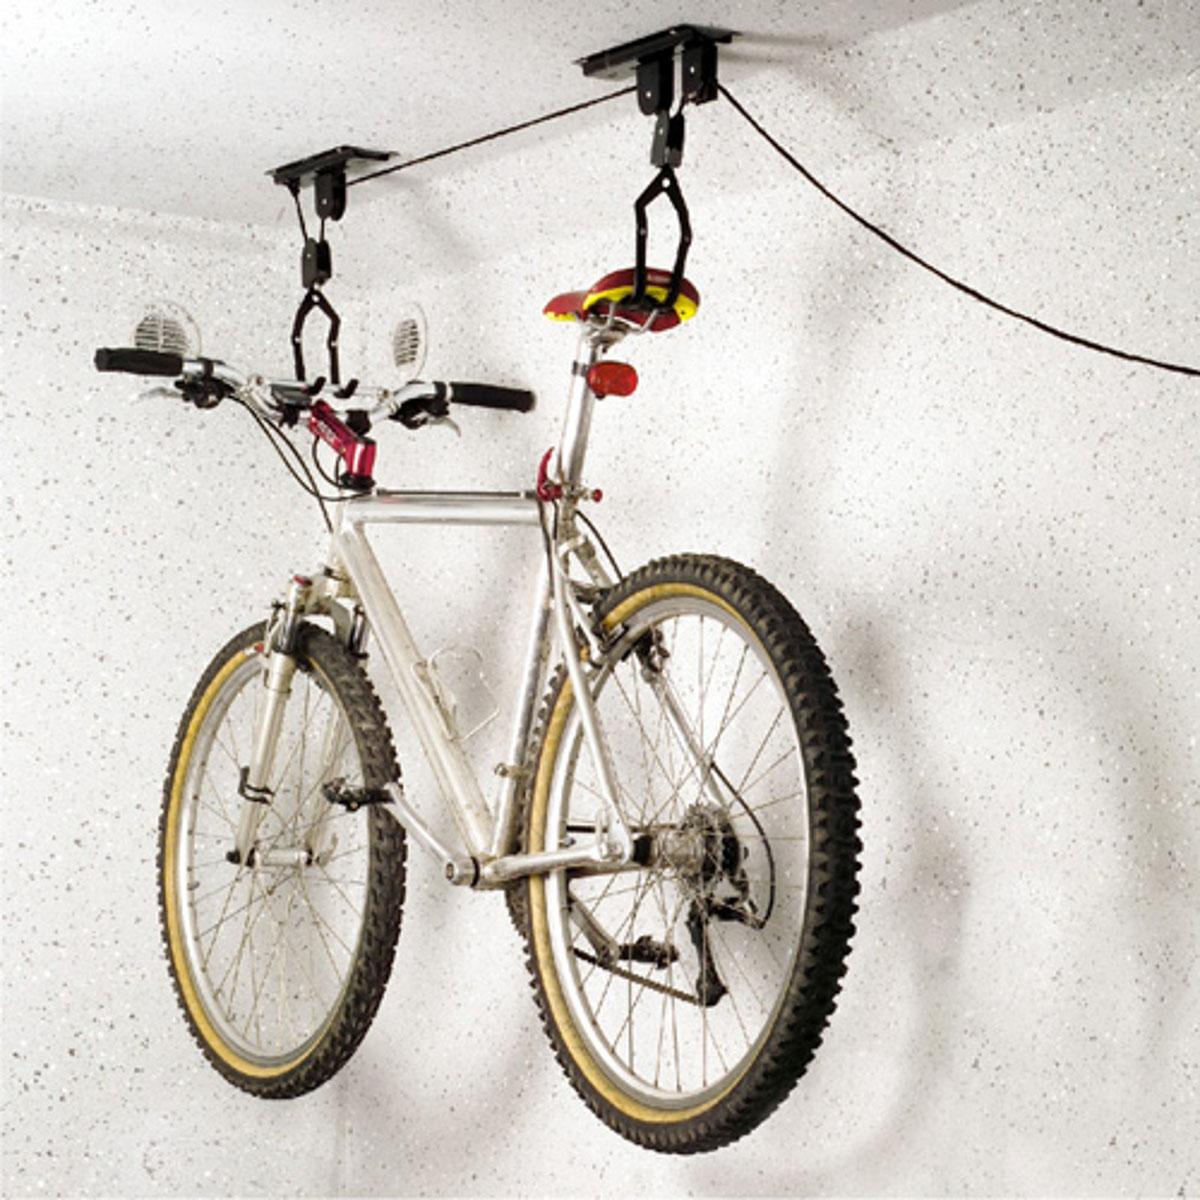 Подъемный механизм для велосипеда МастерПроф подставка для хранения велосипеда